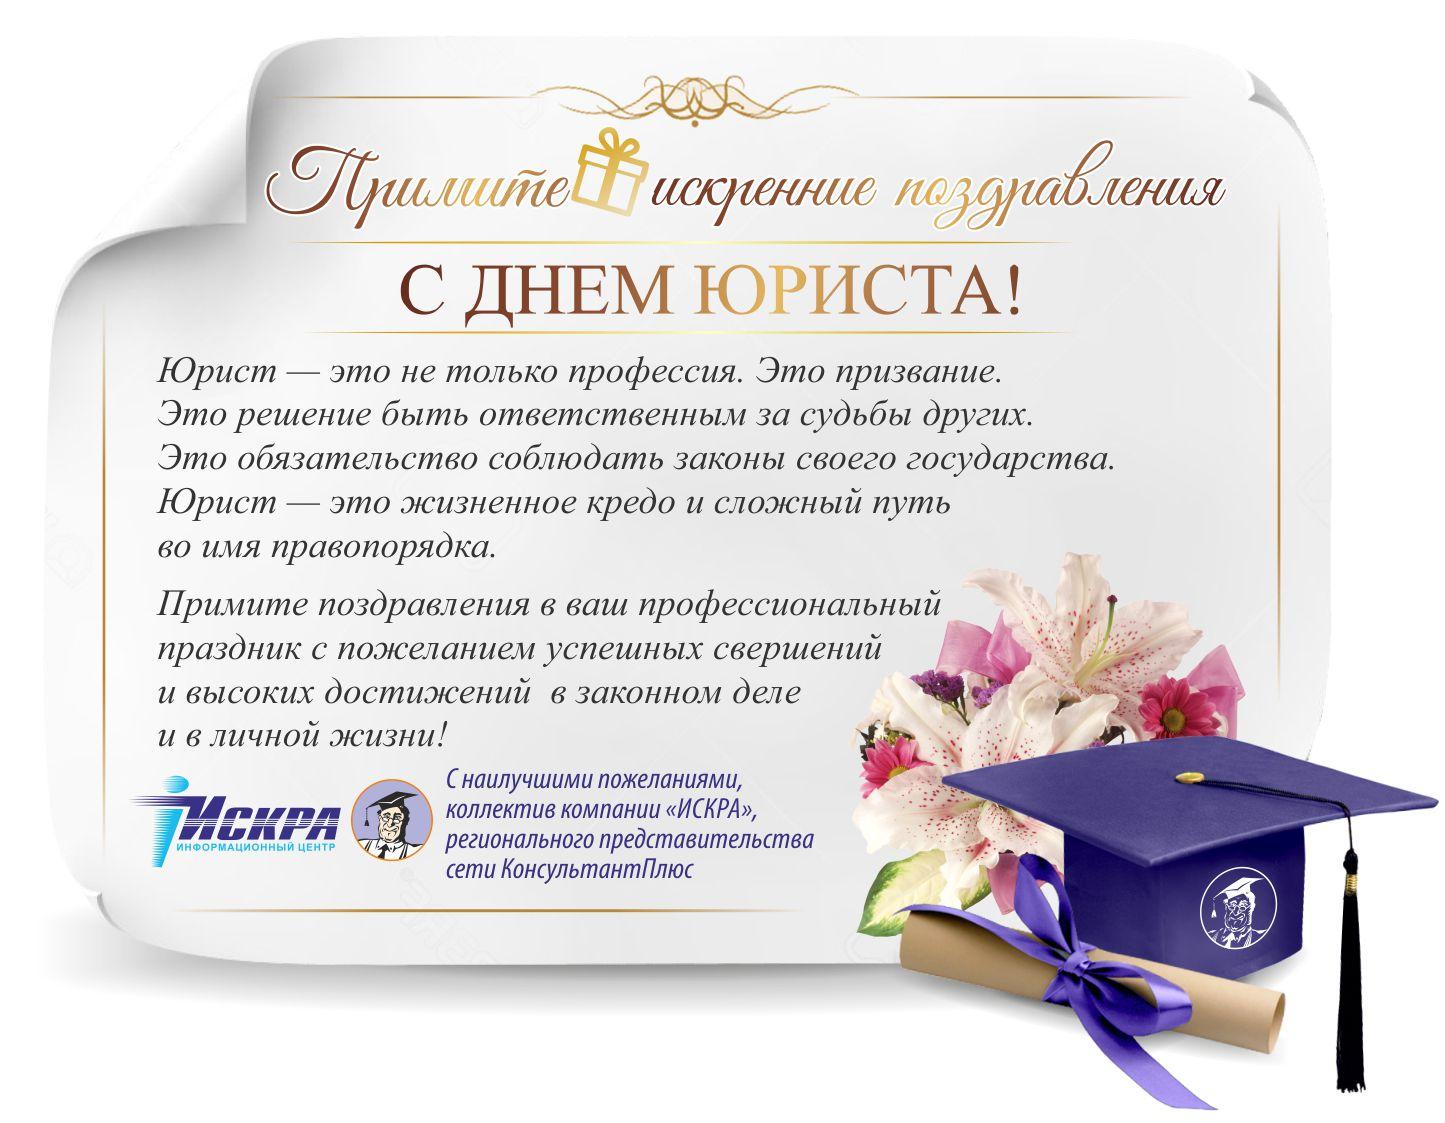 Хорошие поздравления в коллективе